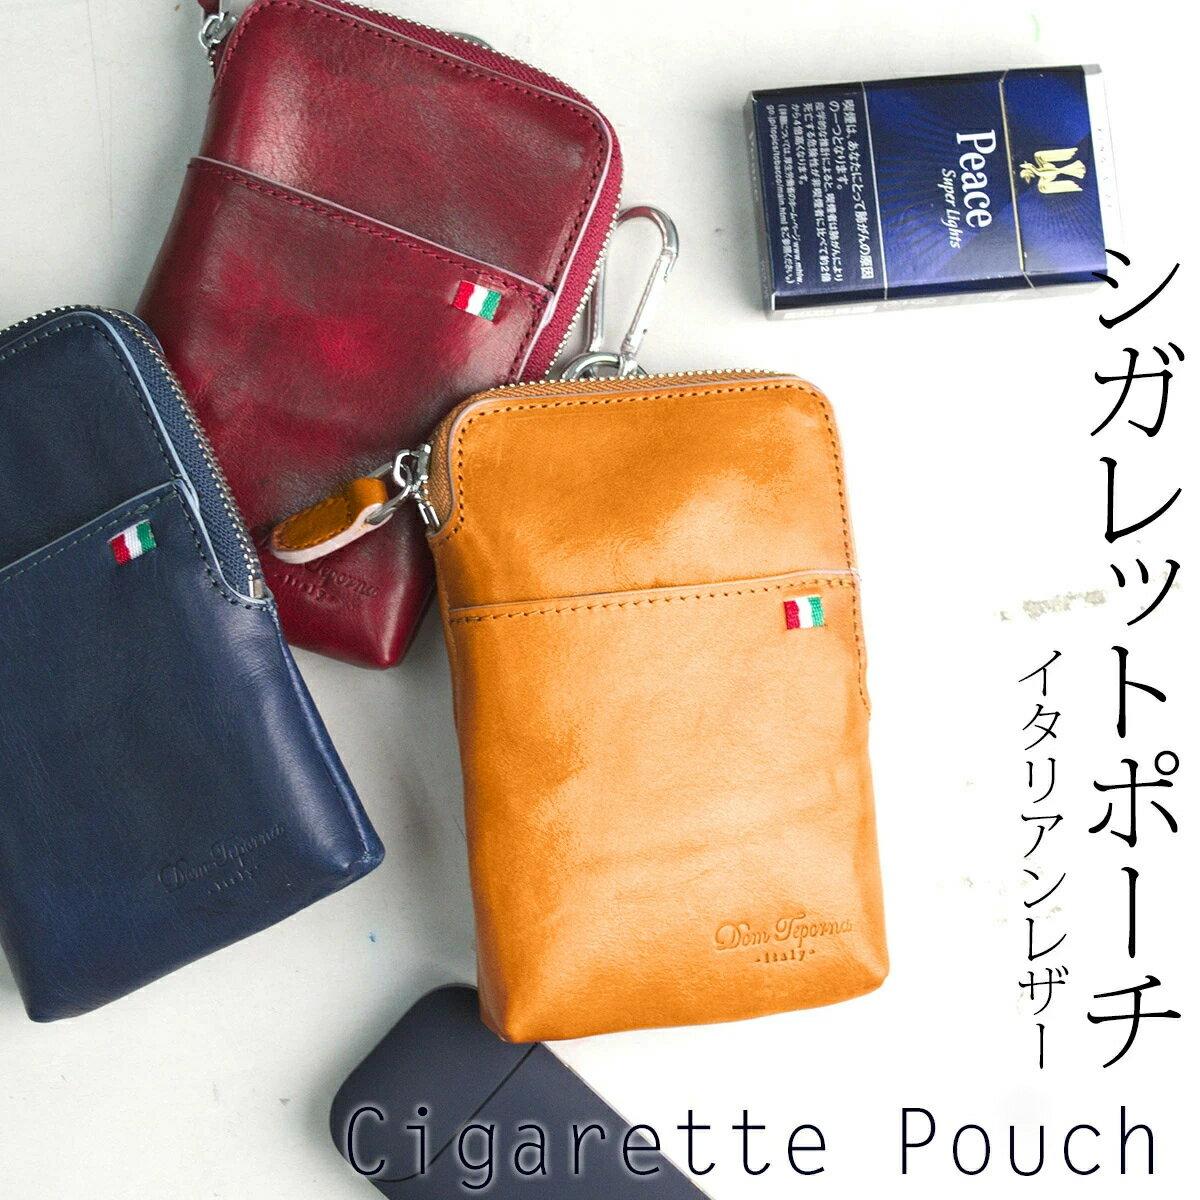 汎用 ポーチ バッグインバッグ 本革 イタリアン...の商品画像